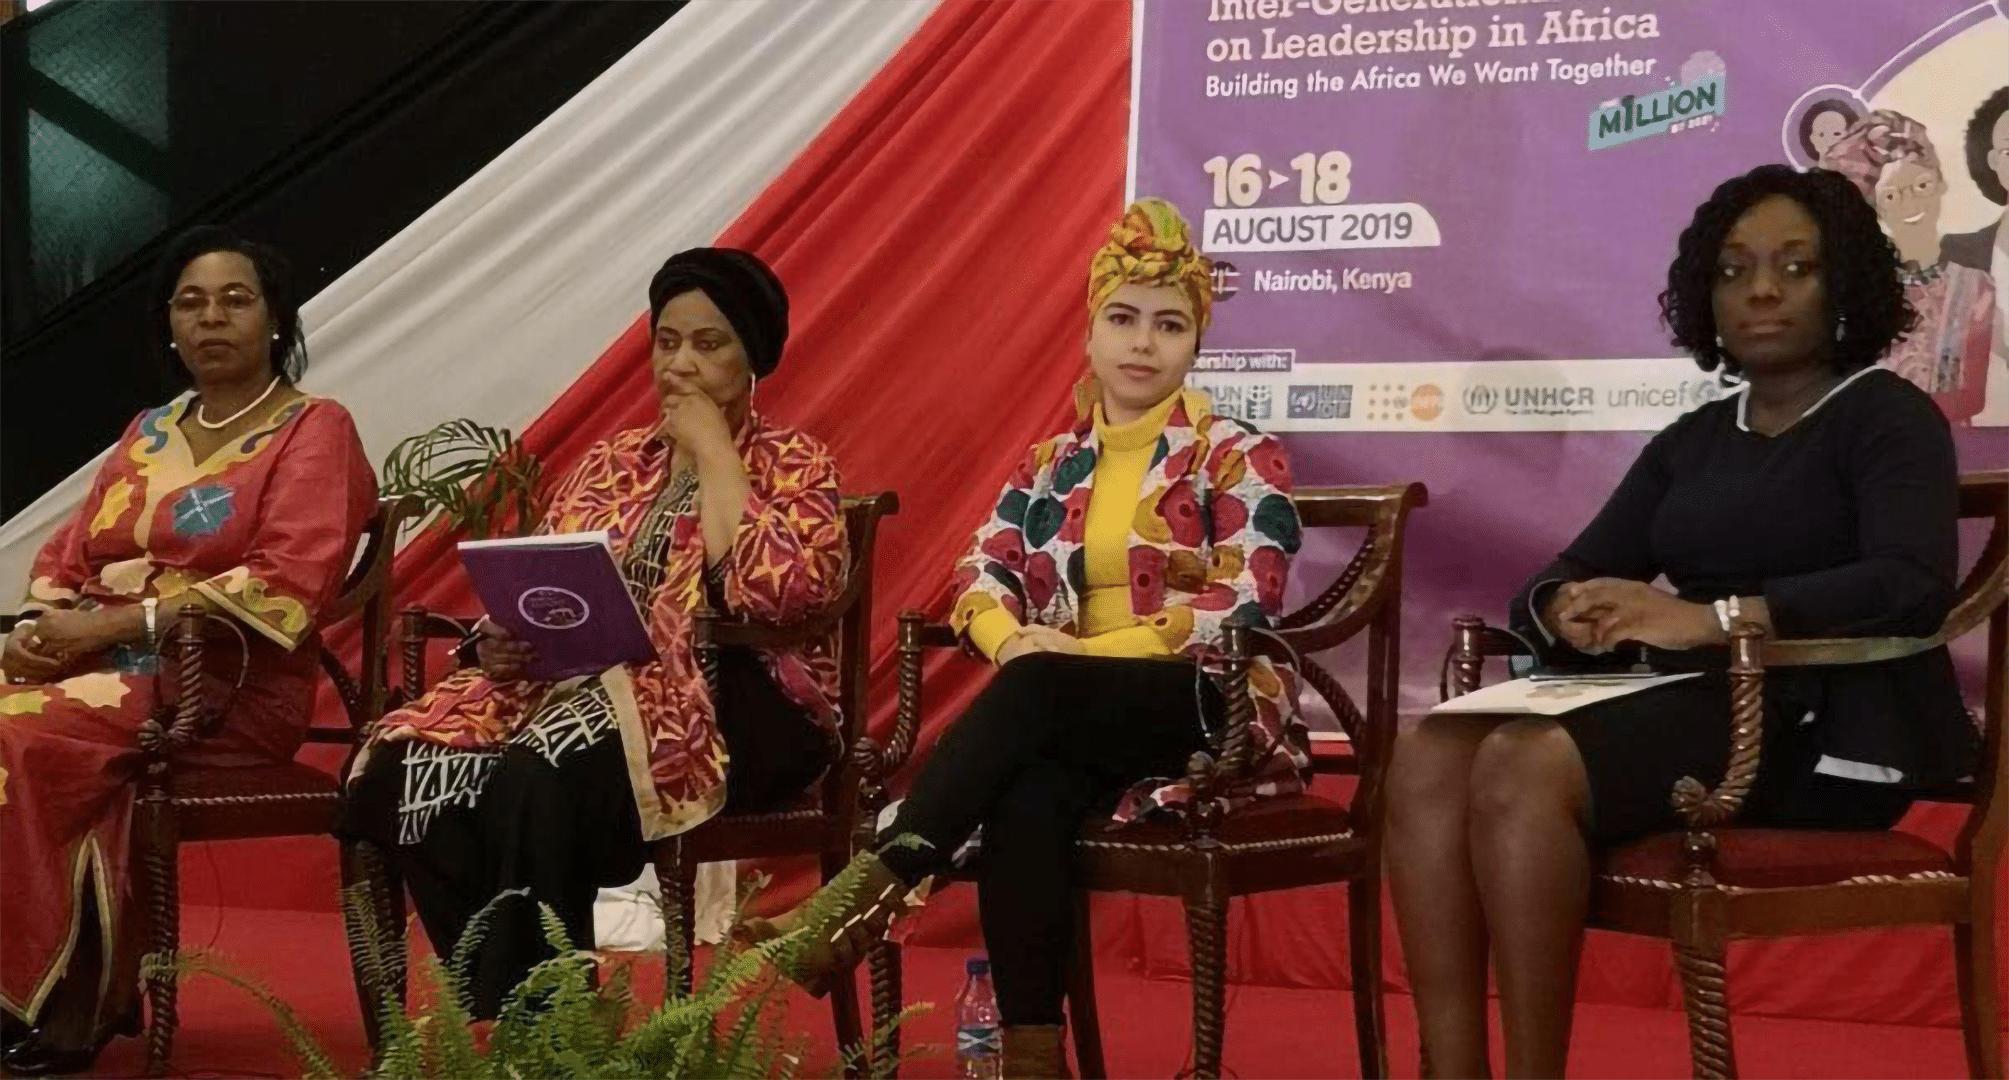 Starke Frauen für politischen und sozialen Wandel in Afrika